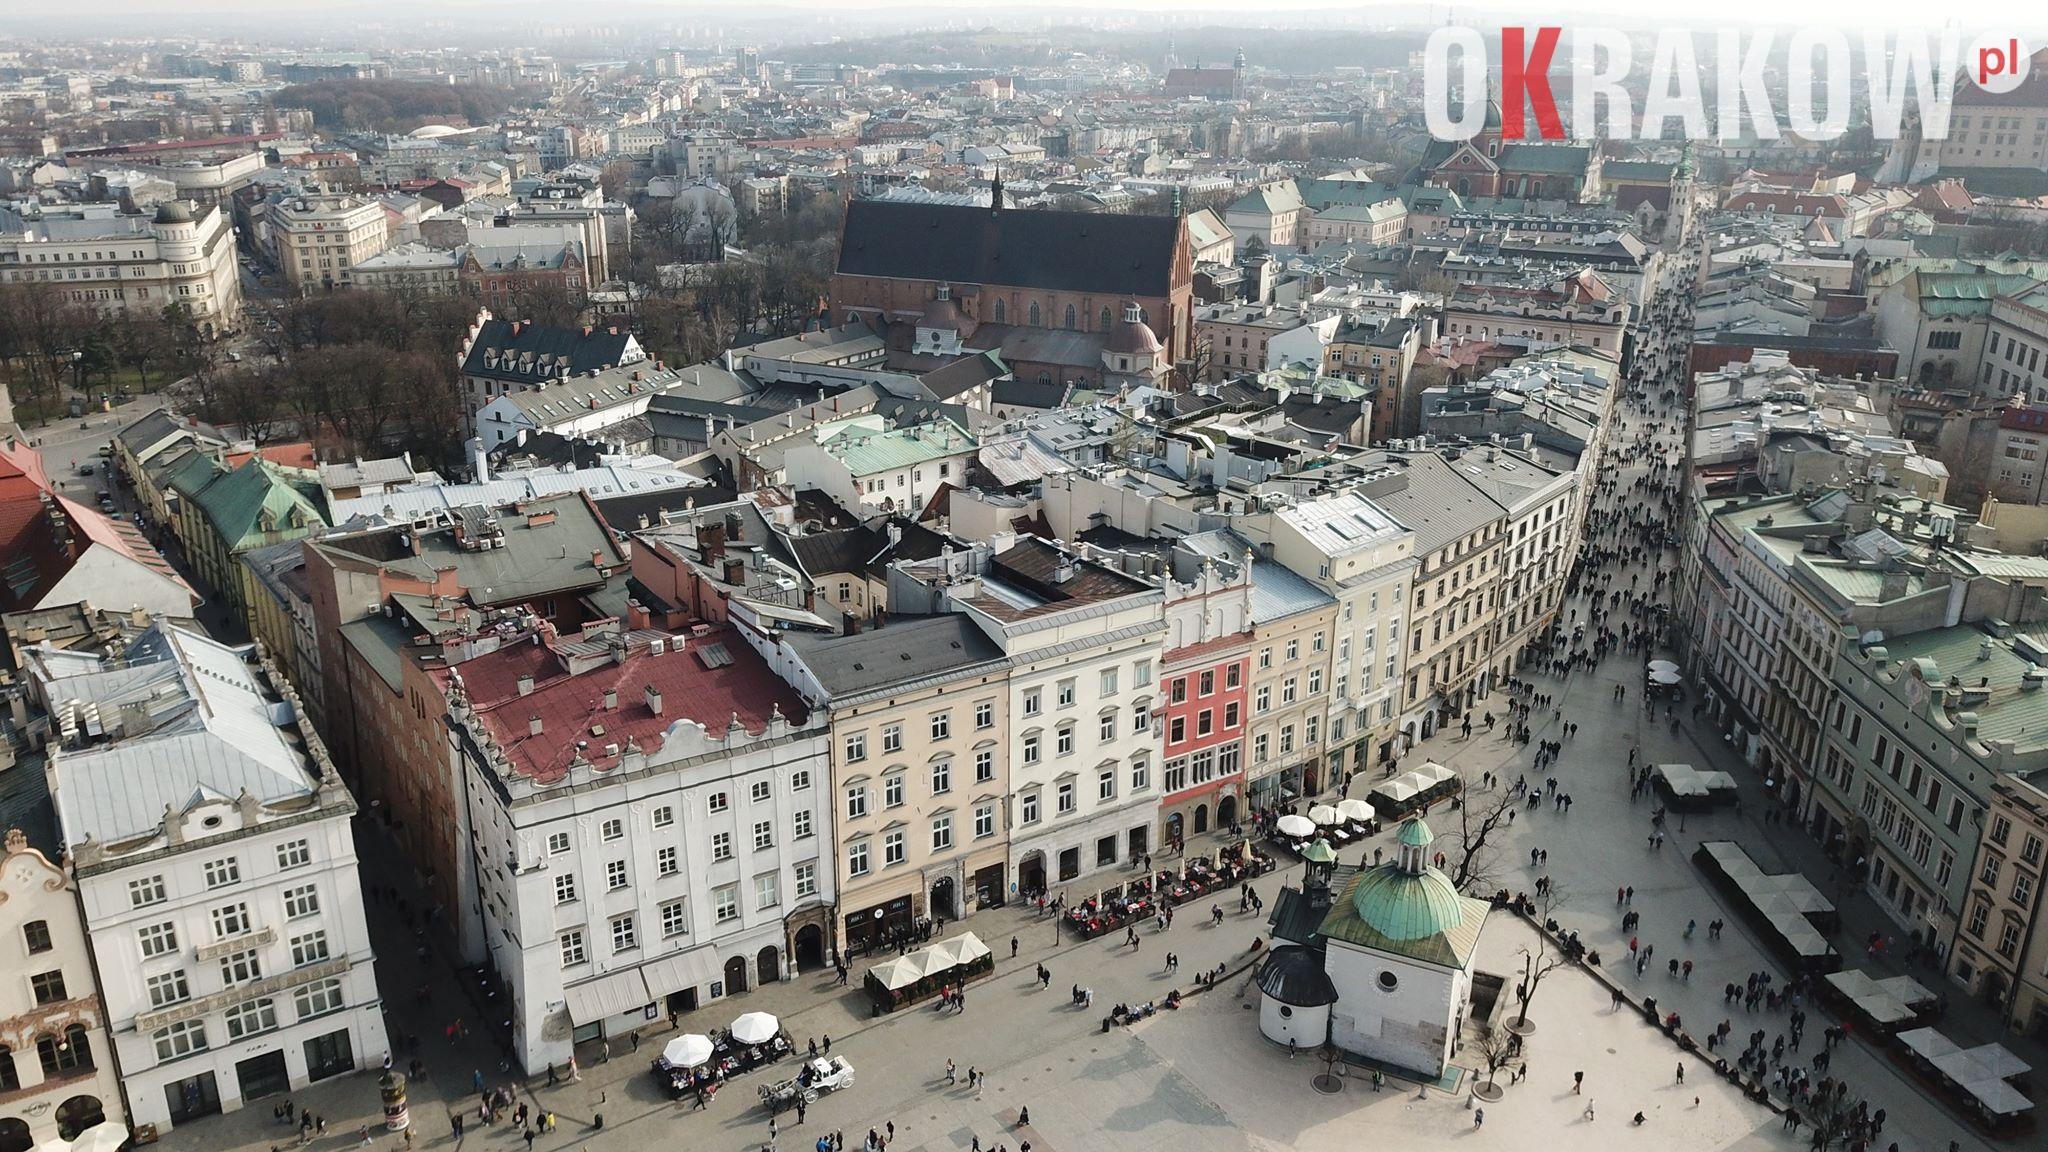 krakow rynek 2 300x169 - Kraków, Rynek Główny widok z drona film+fot.